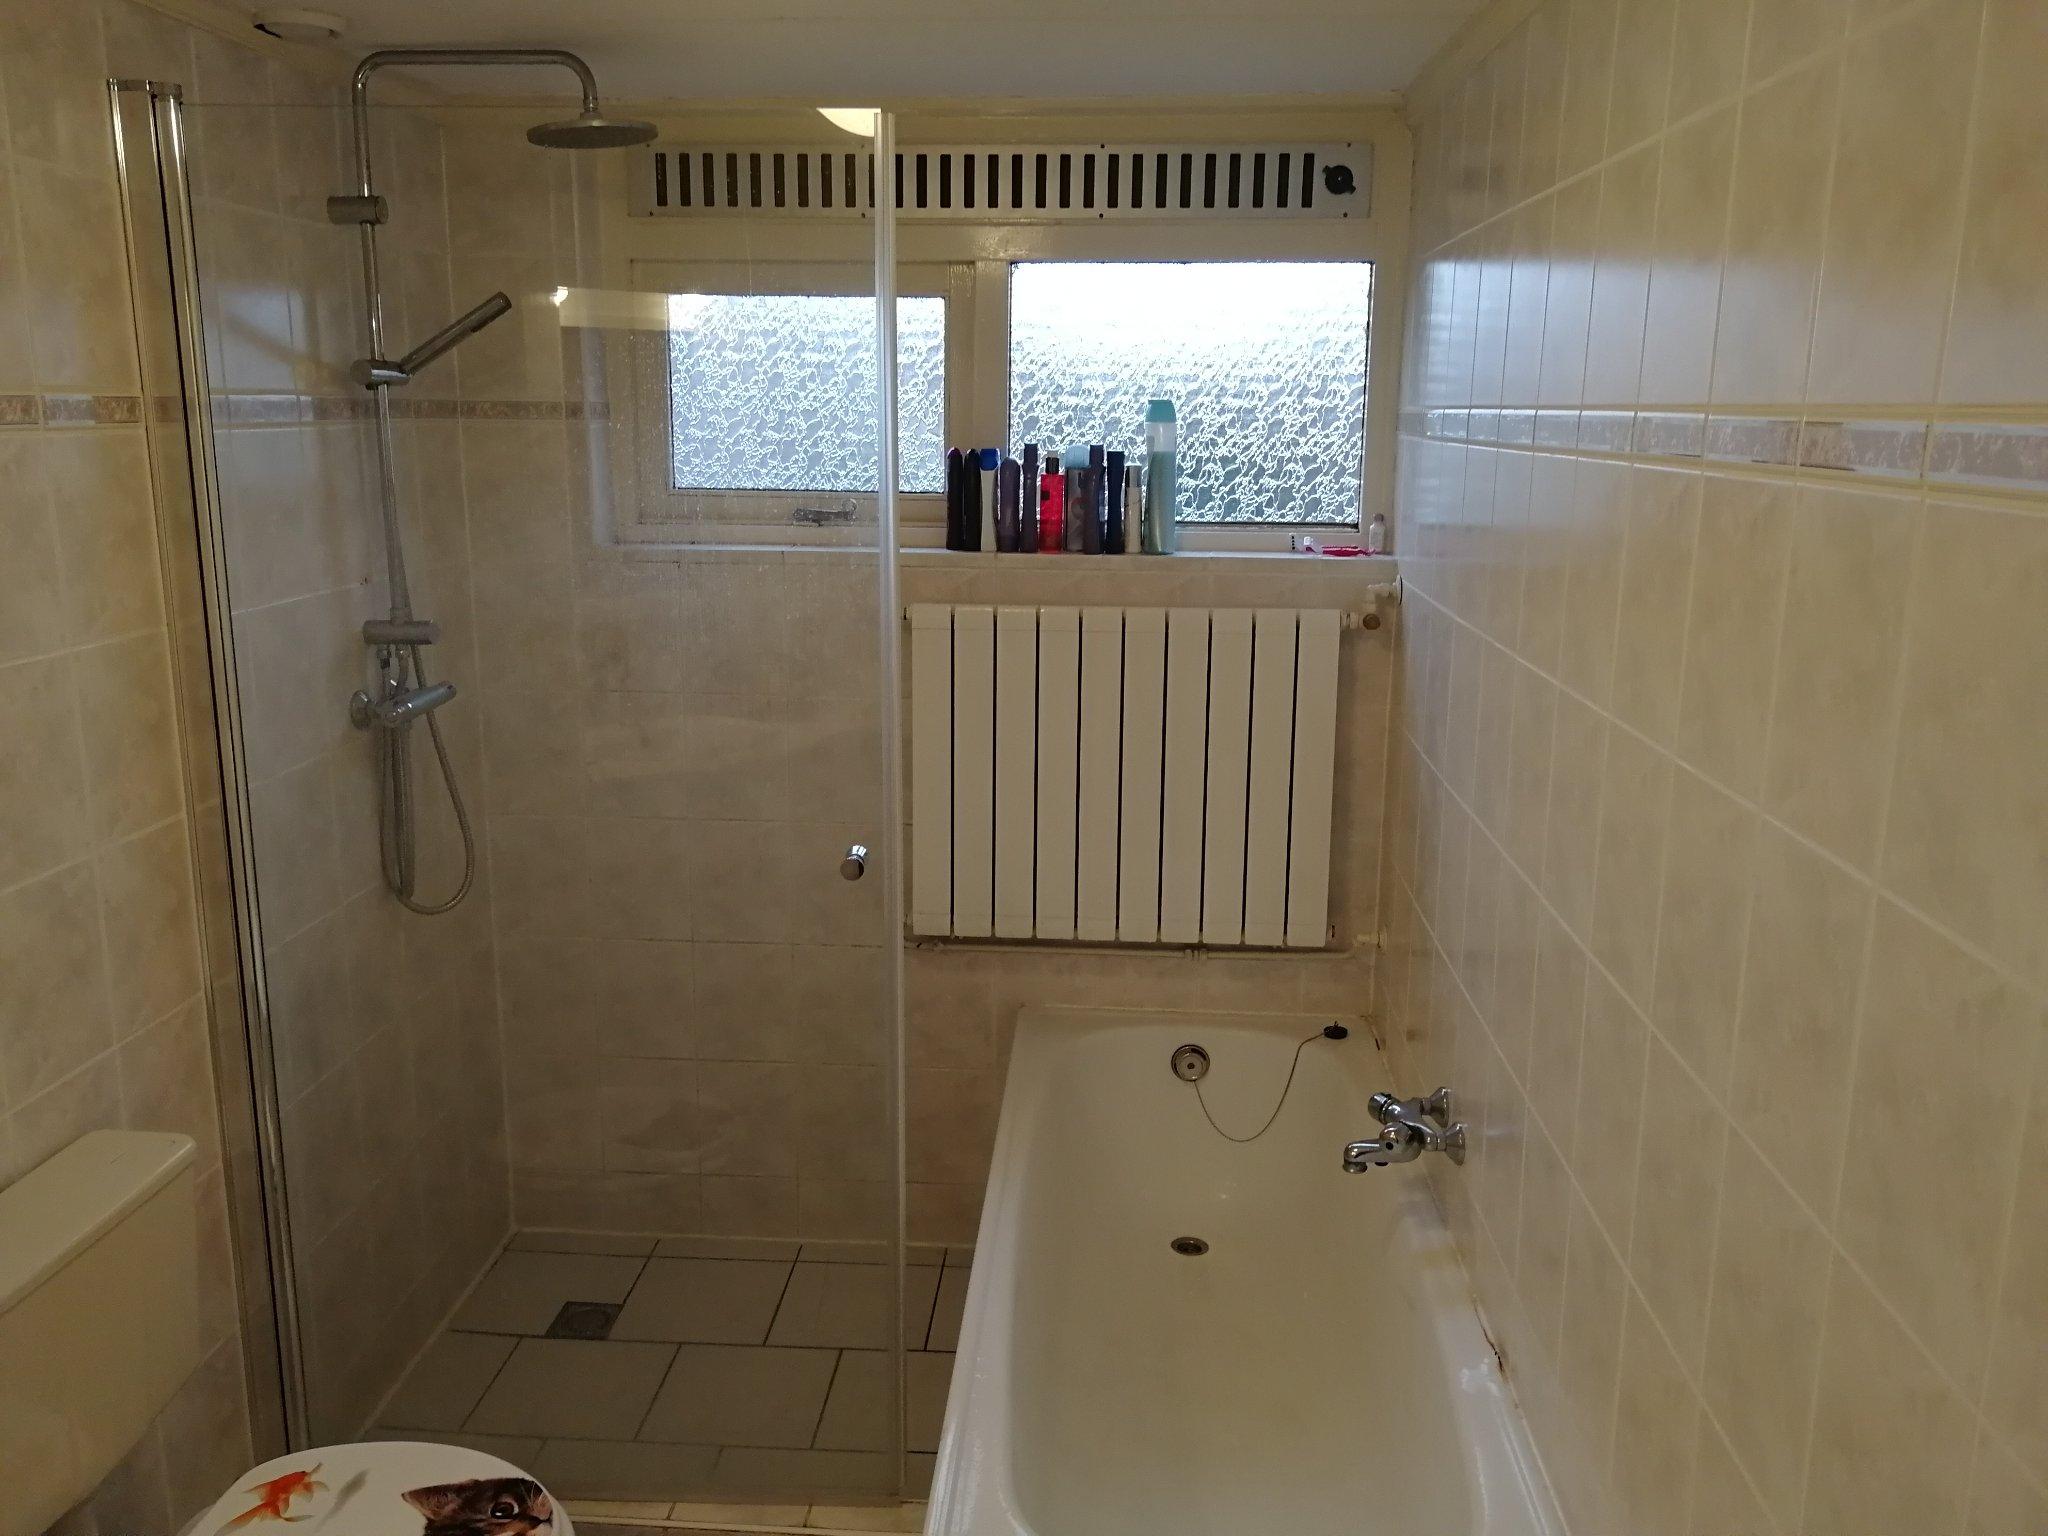 Nieuwe Badkamer Plaatsen : Slopen oude badkamer plaatsen nieuwe badkamer. werkspot